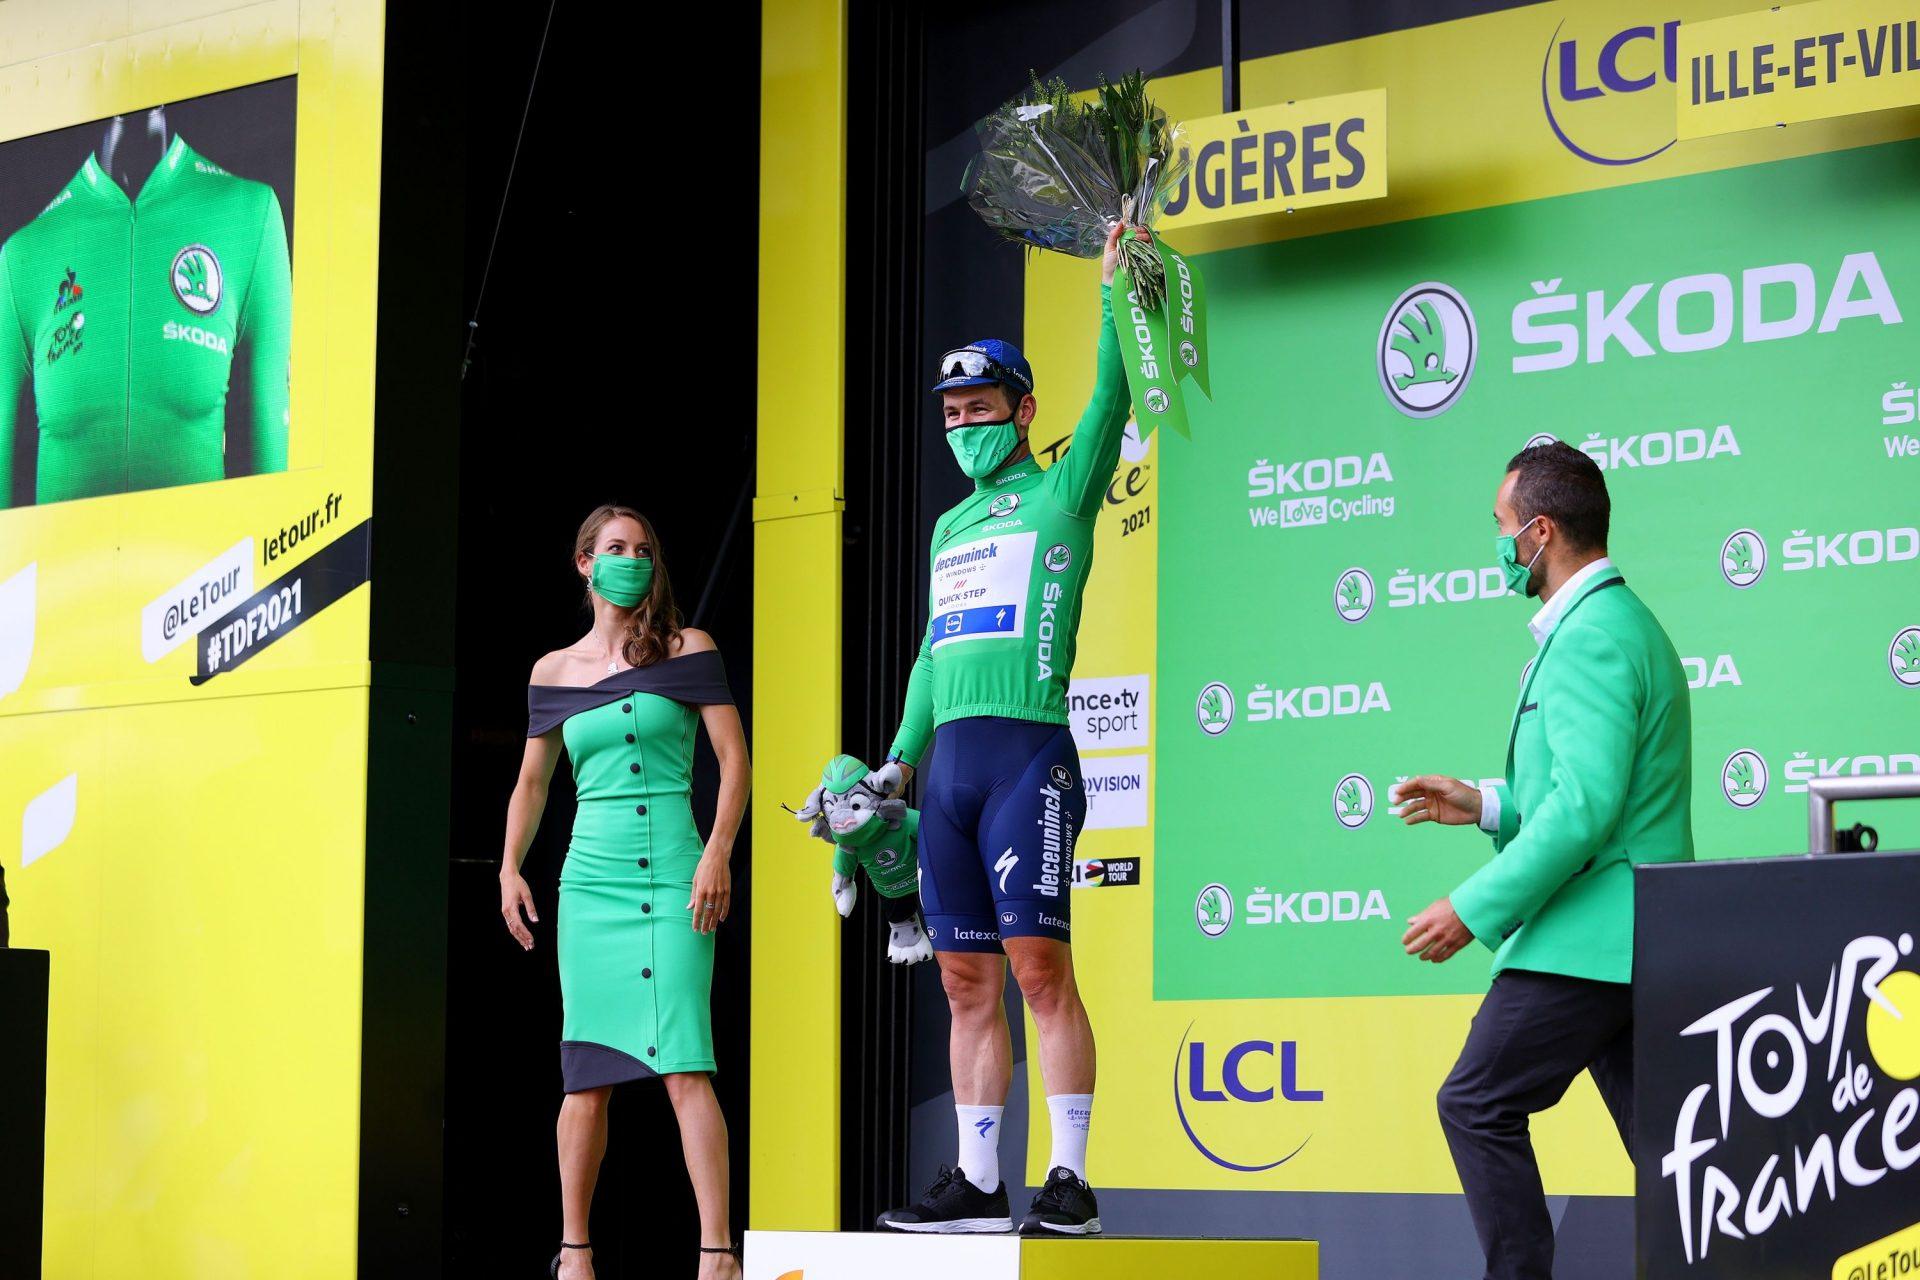 Mark Cavendish v zeleném dresu pro lídra bodovací soutěže. Foto: Tour-de-France-Green-Jersey-Stage-4-_Tim-De-Waele-Getty-Images